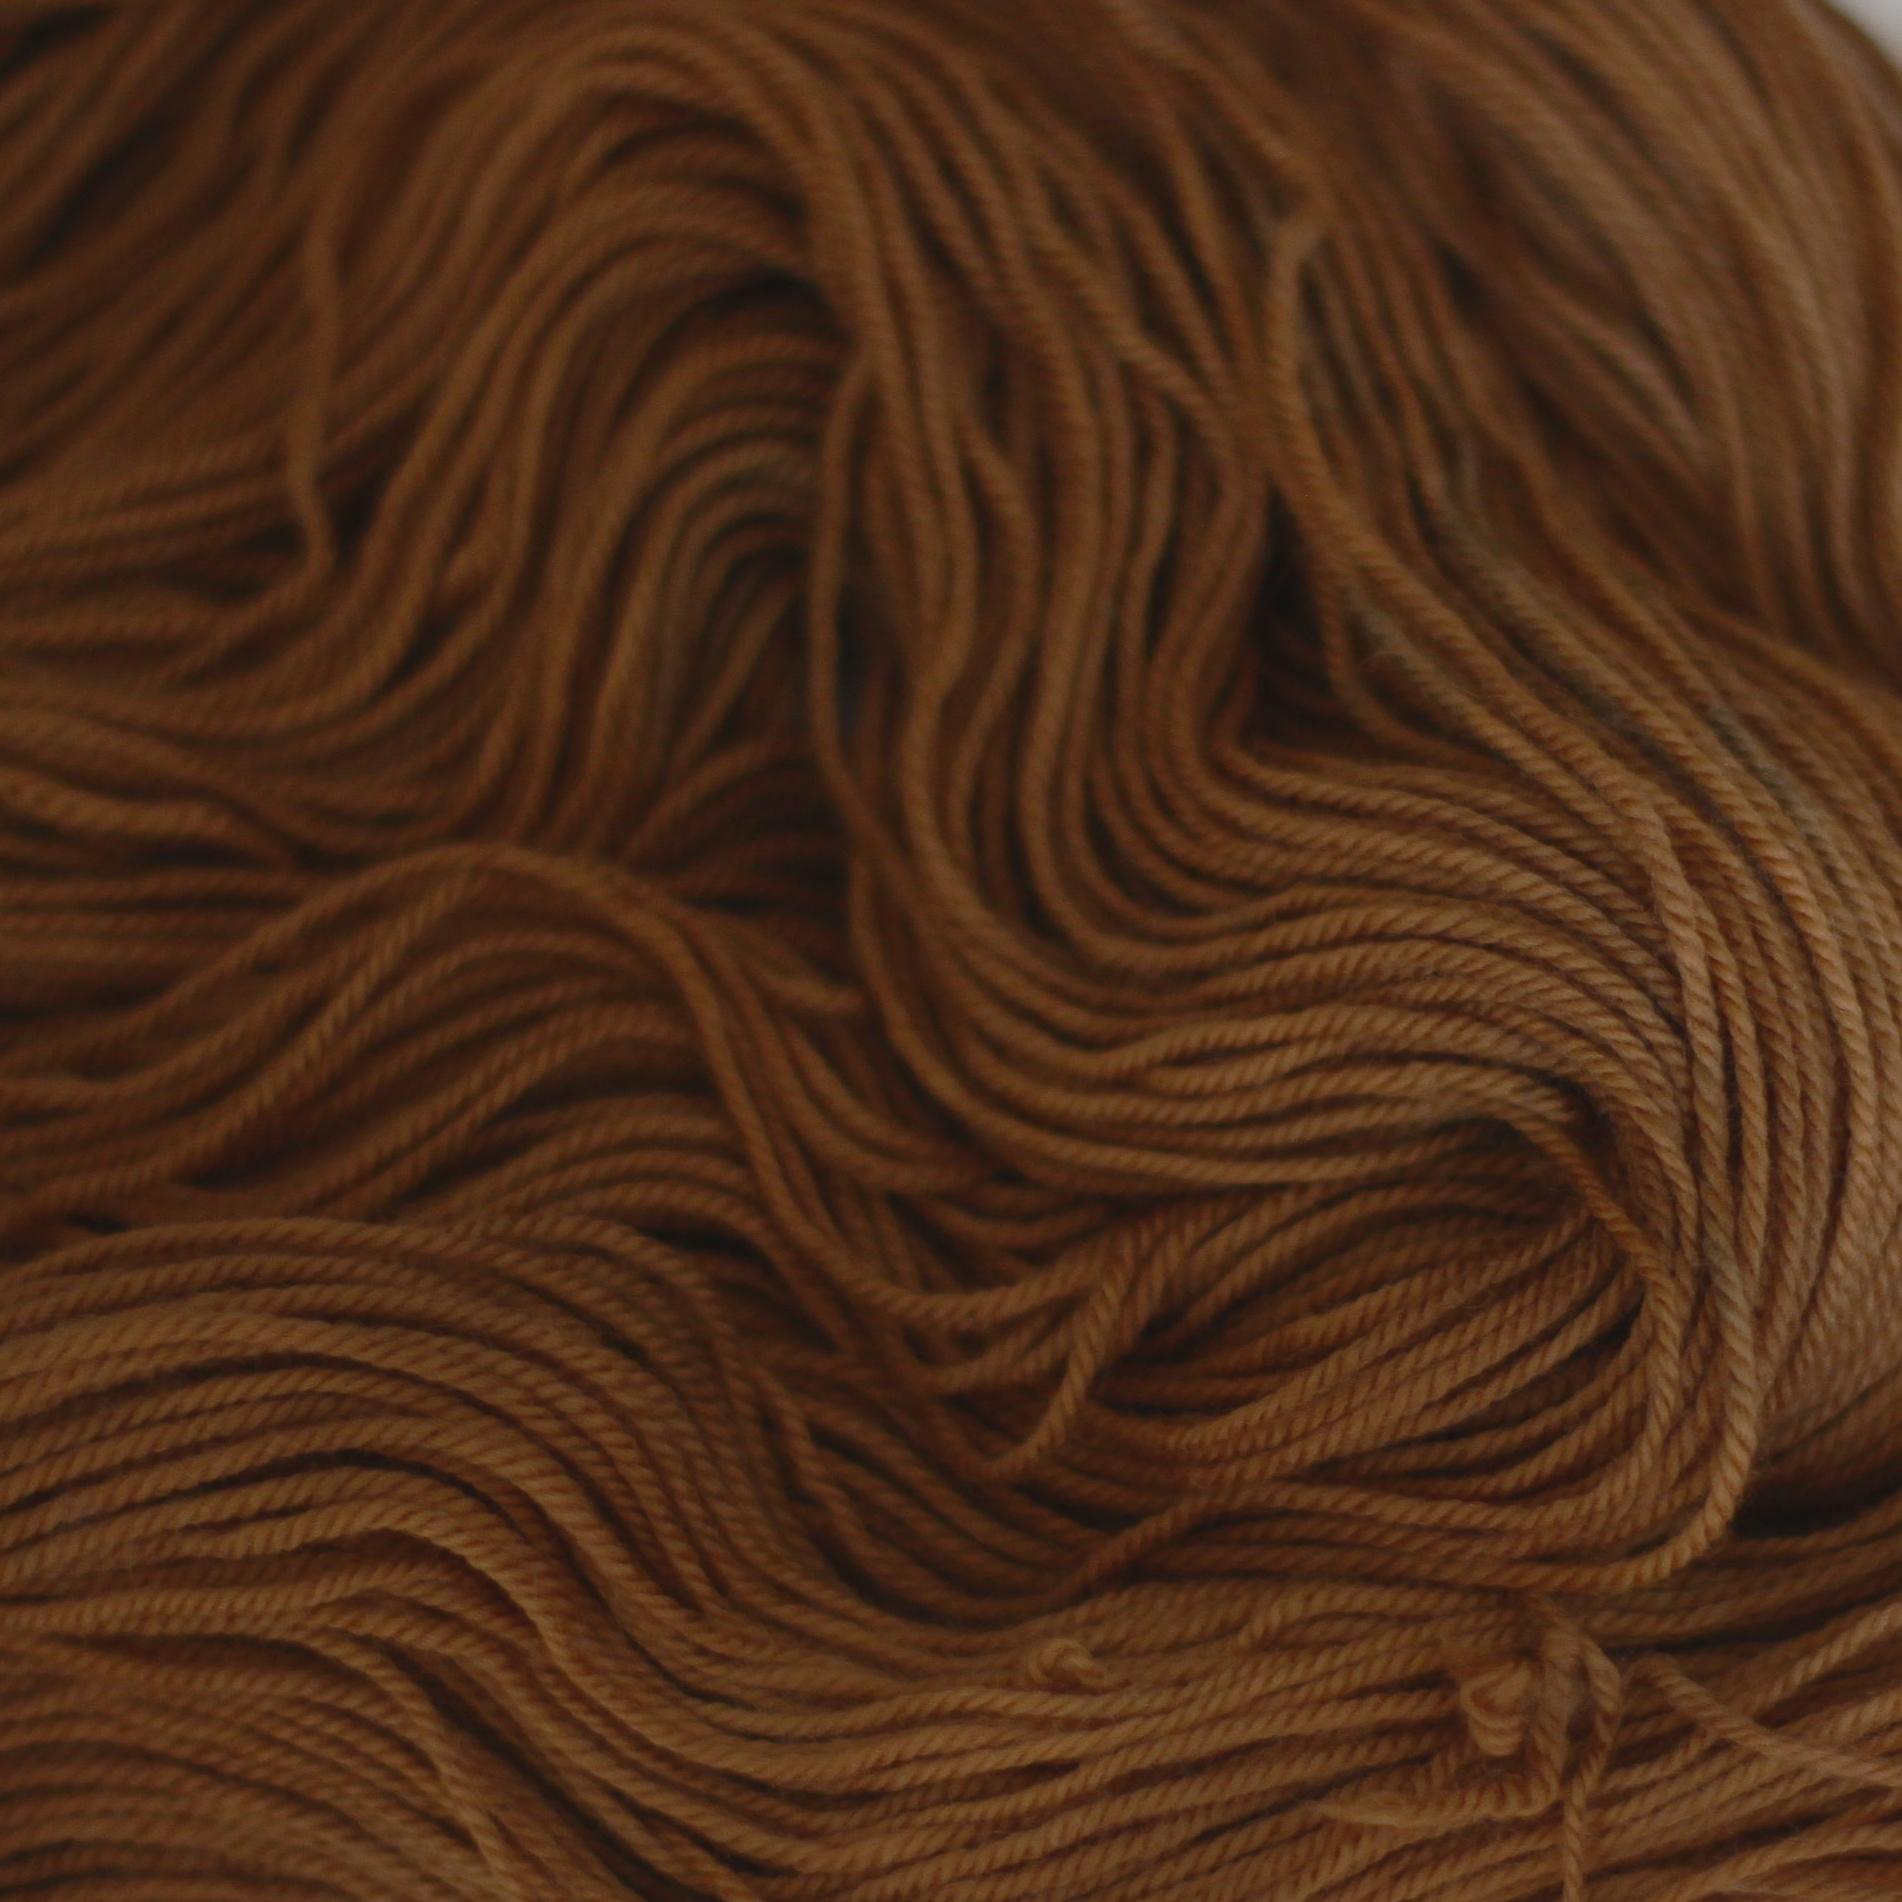 CALUMET     Logwood   Haemtoxylon campechianum   Mushroom   Fomes fomentarius